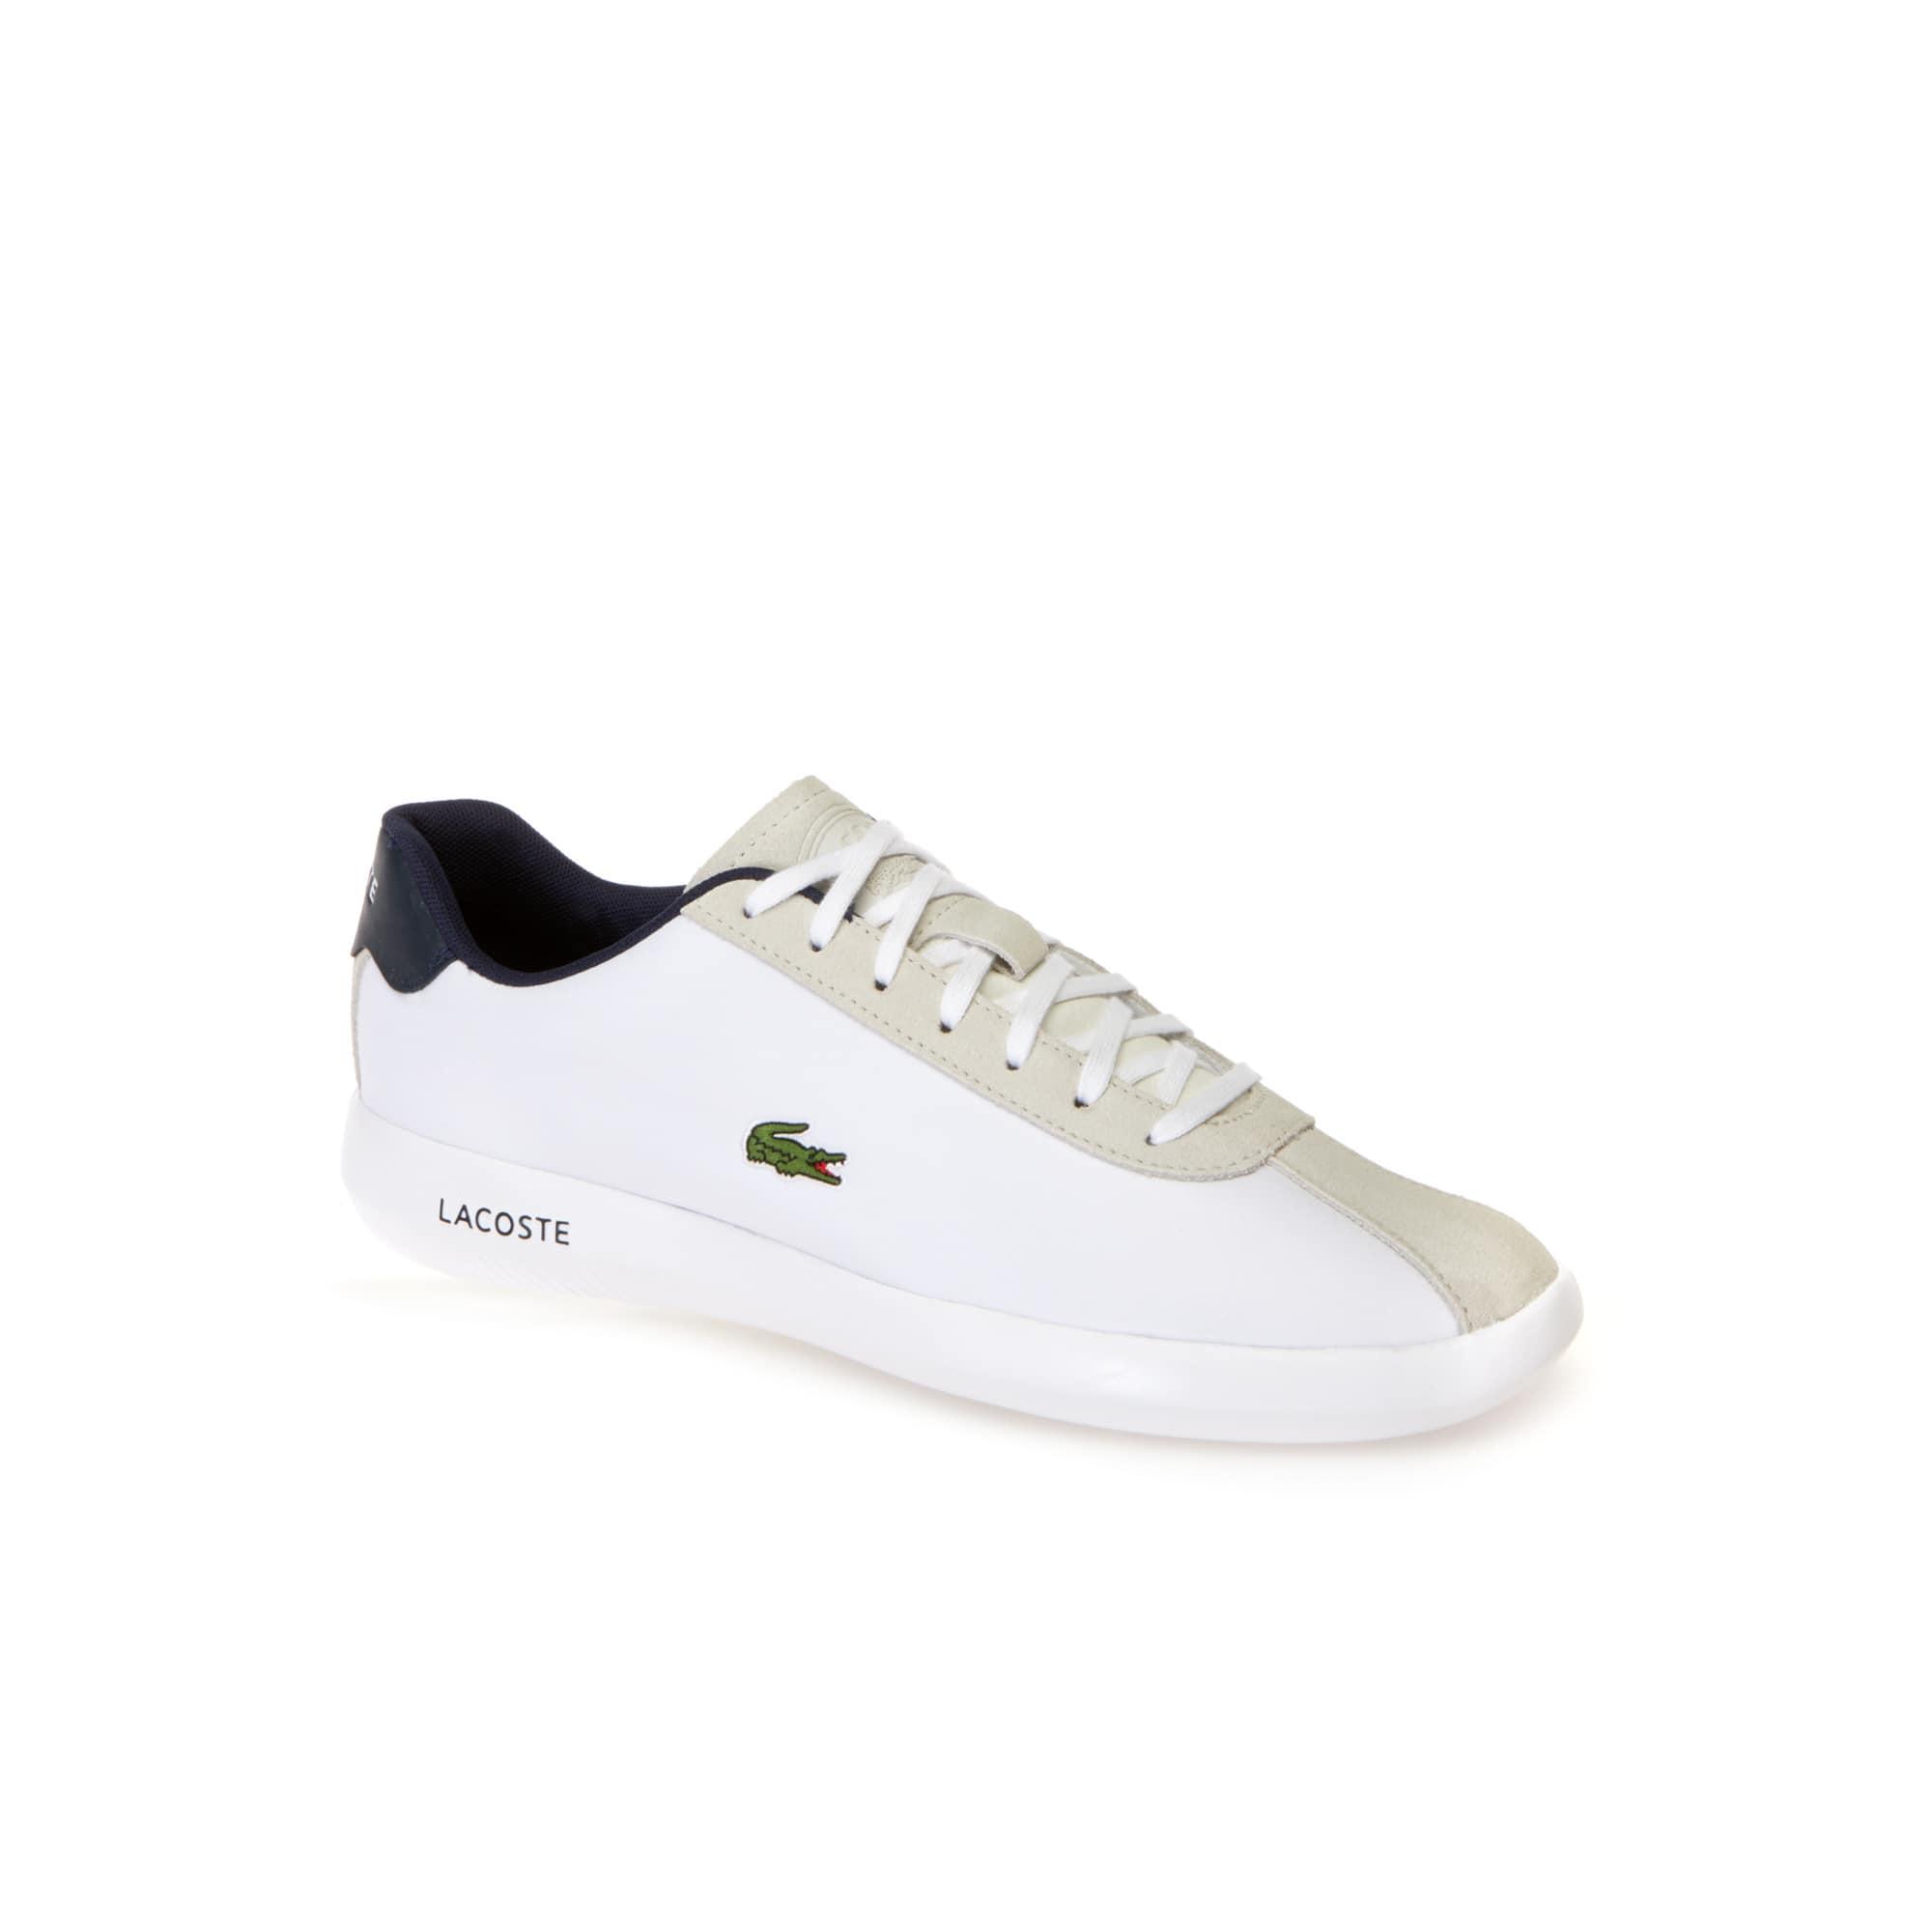 Homme Avance En SuèdeLacoste Sneakers Nylon Et I7g6bYfyv